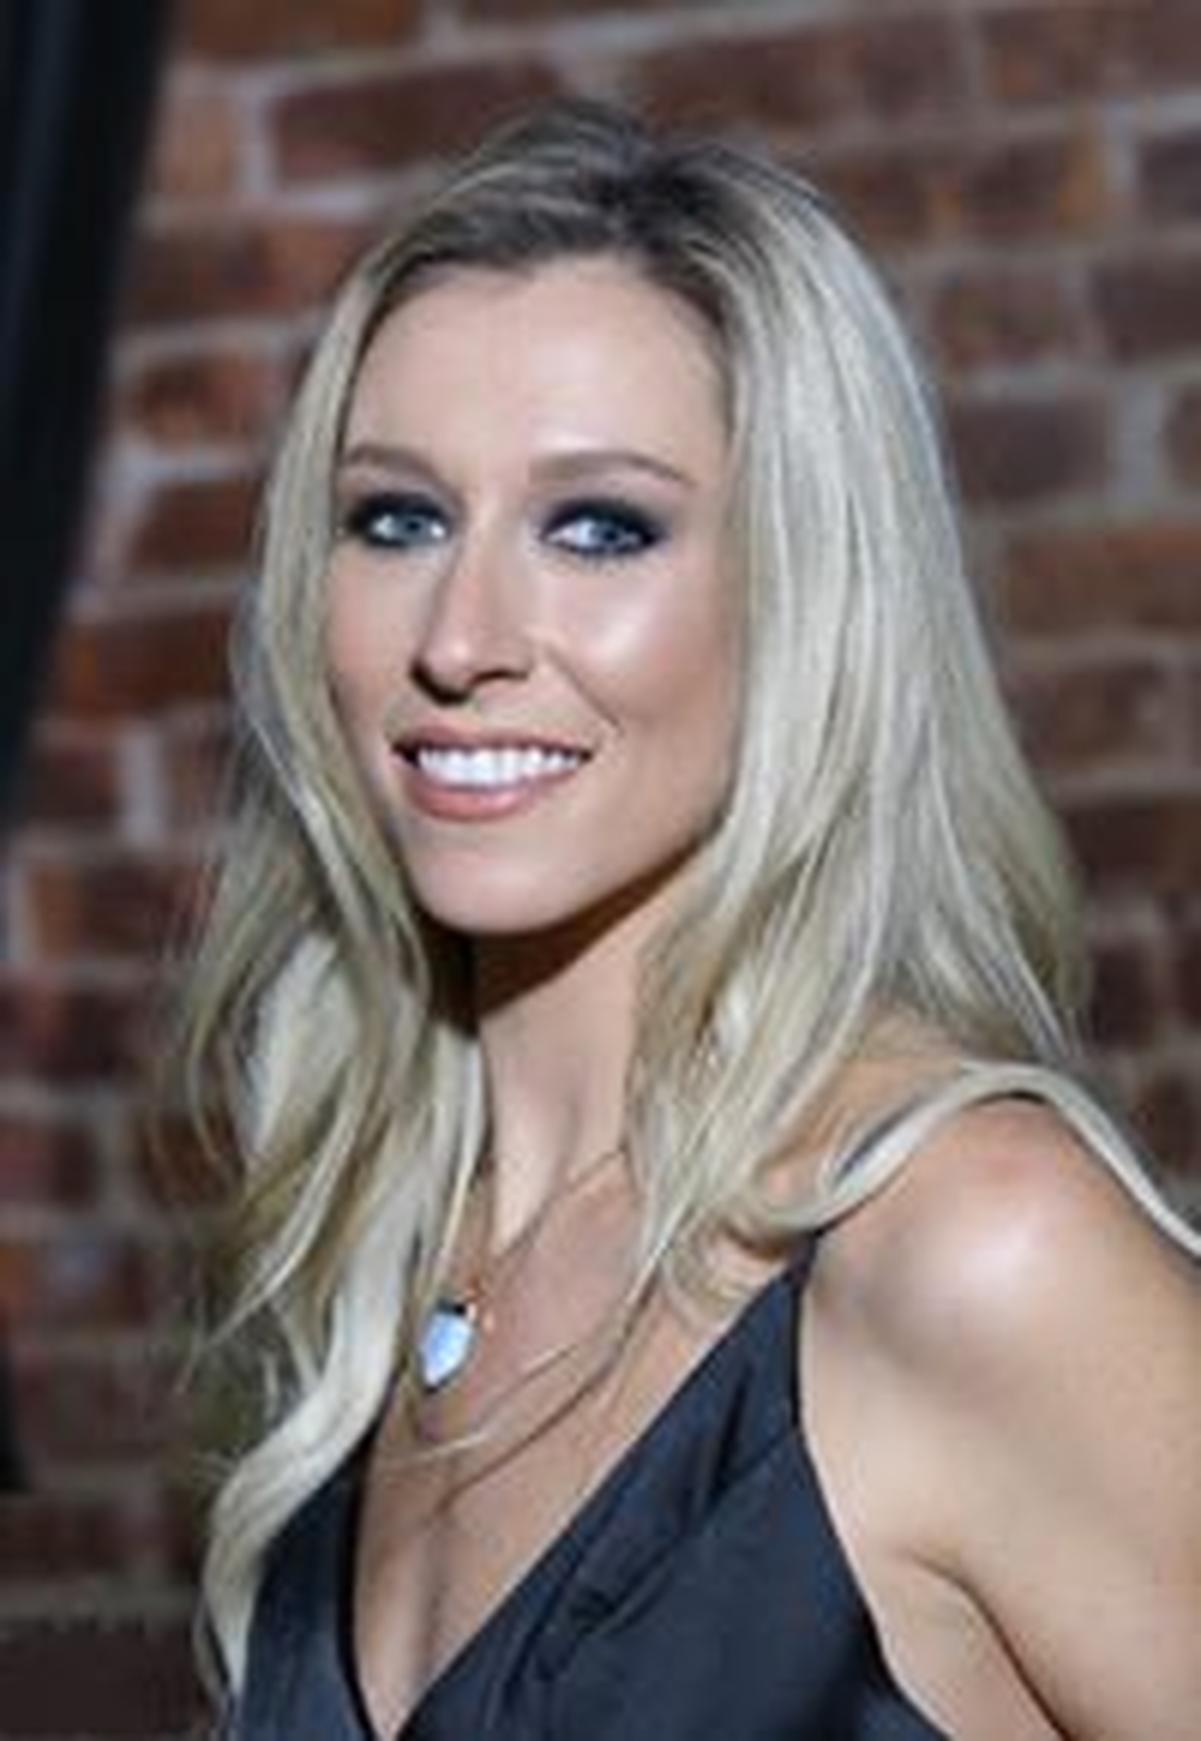 Angela Raiola Wikipedia brittany fogarty wiki & bio - reality star